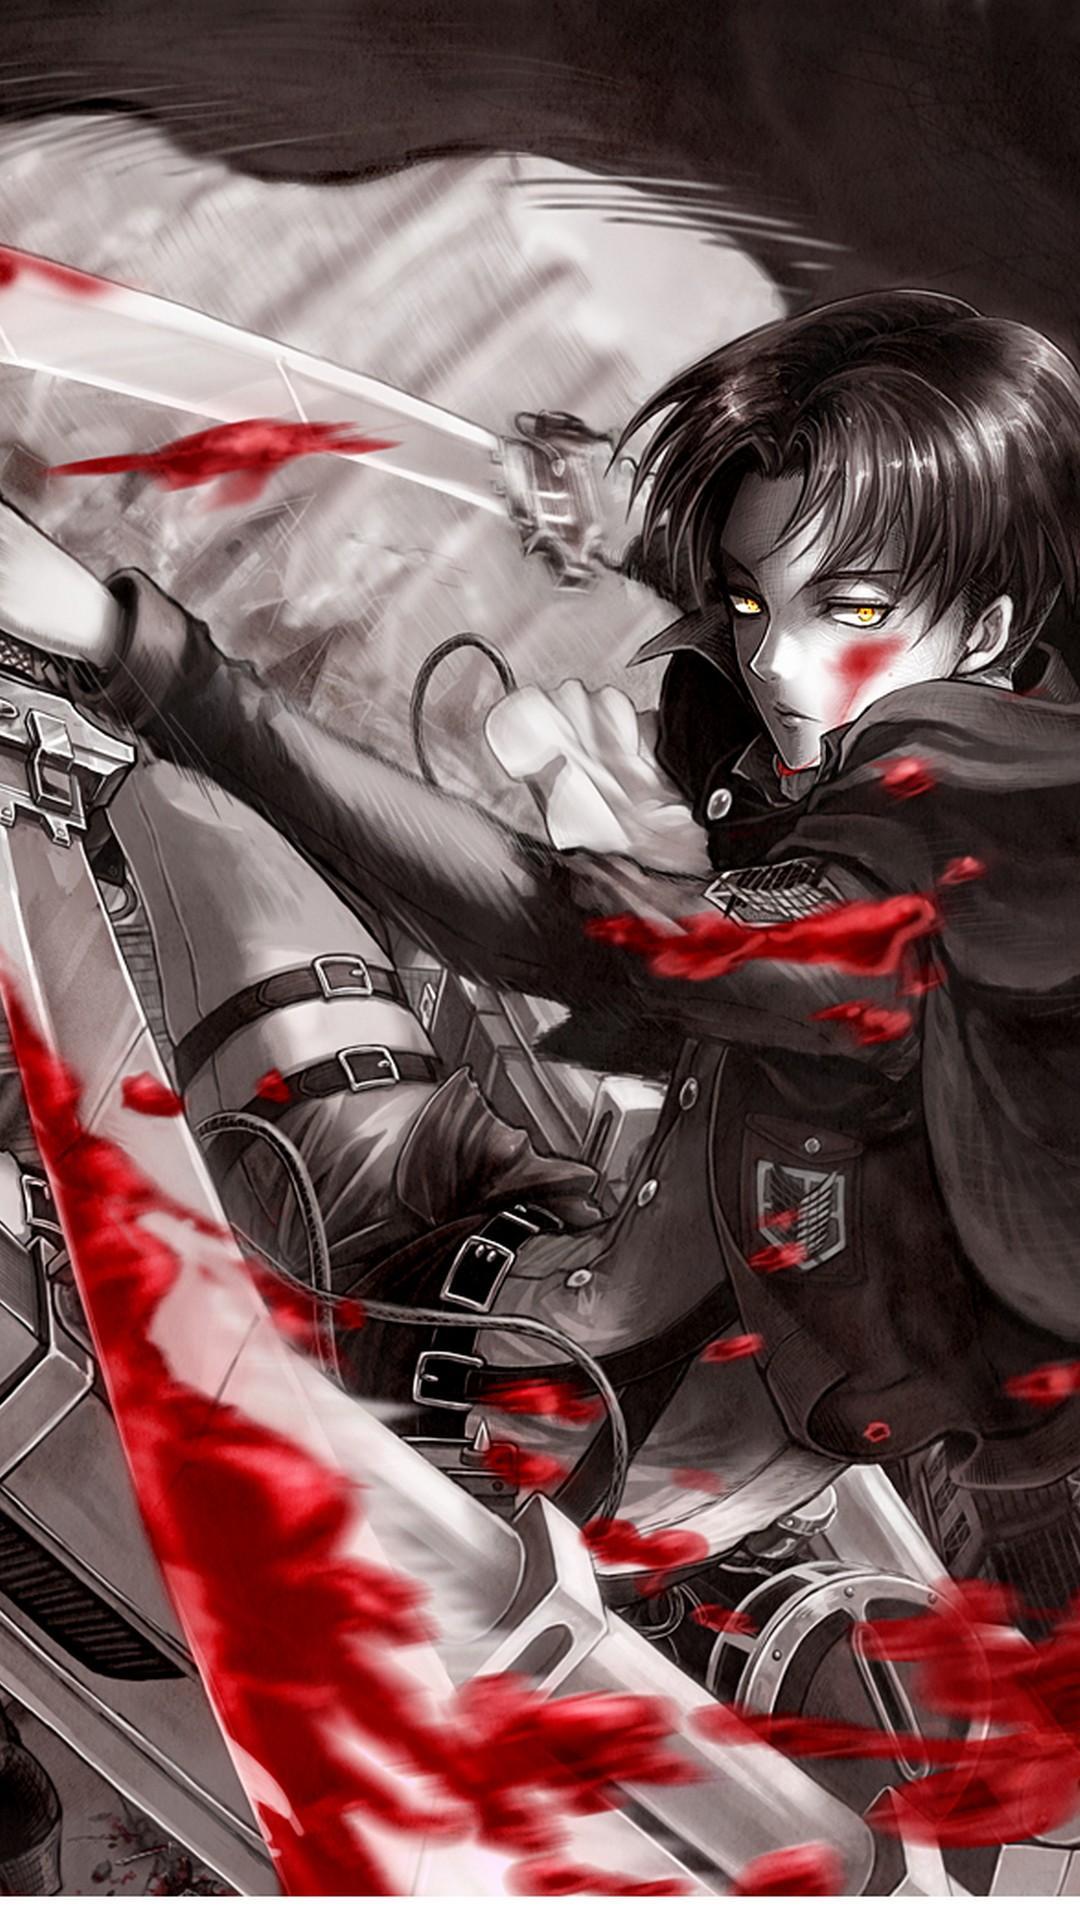 3d Anime Wallpaper For Iphone gambar ke 2